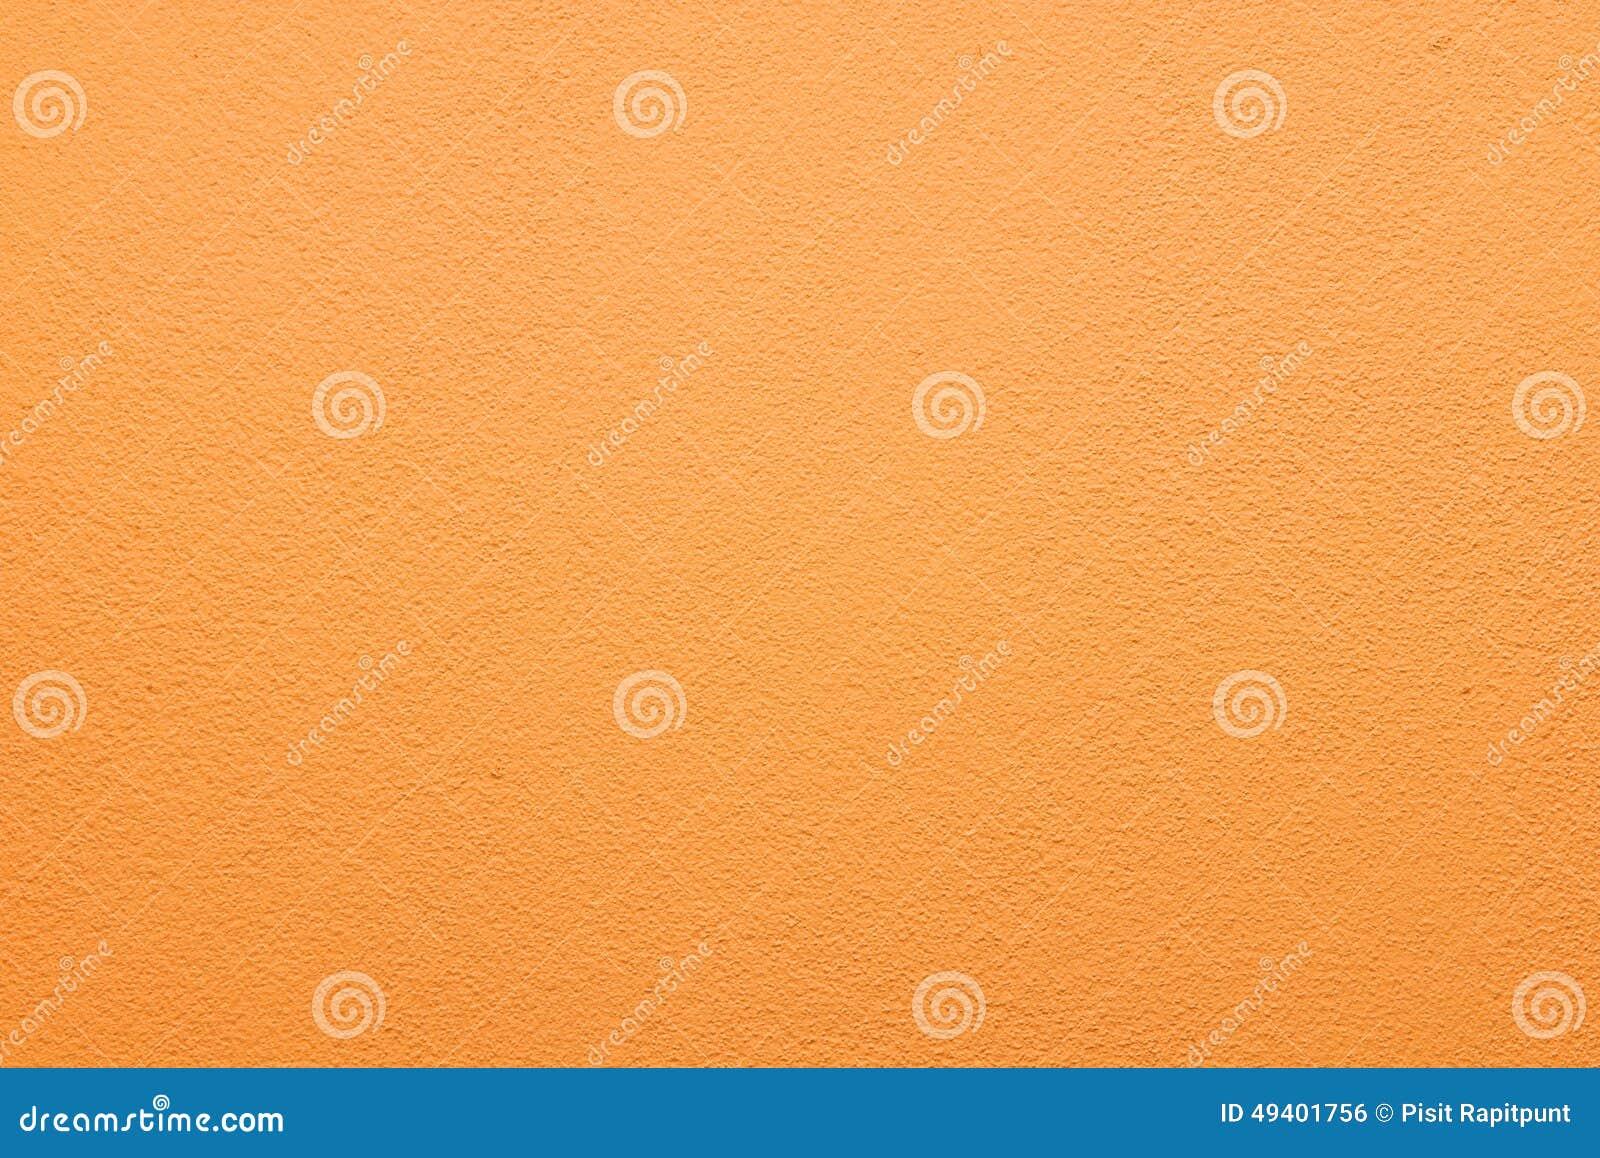 Download Zementputzwandhintergrund stockfoto. Bild von outdoor - 49401756